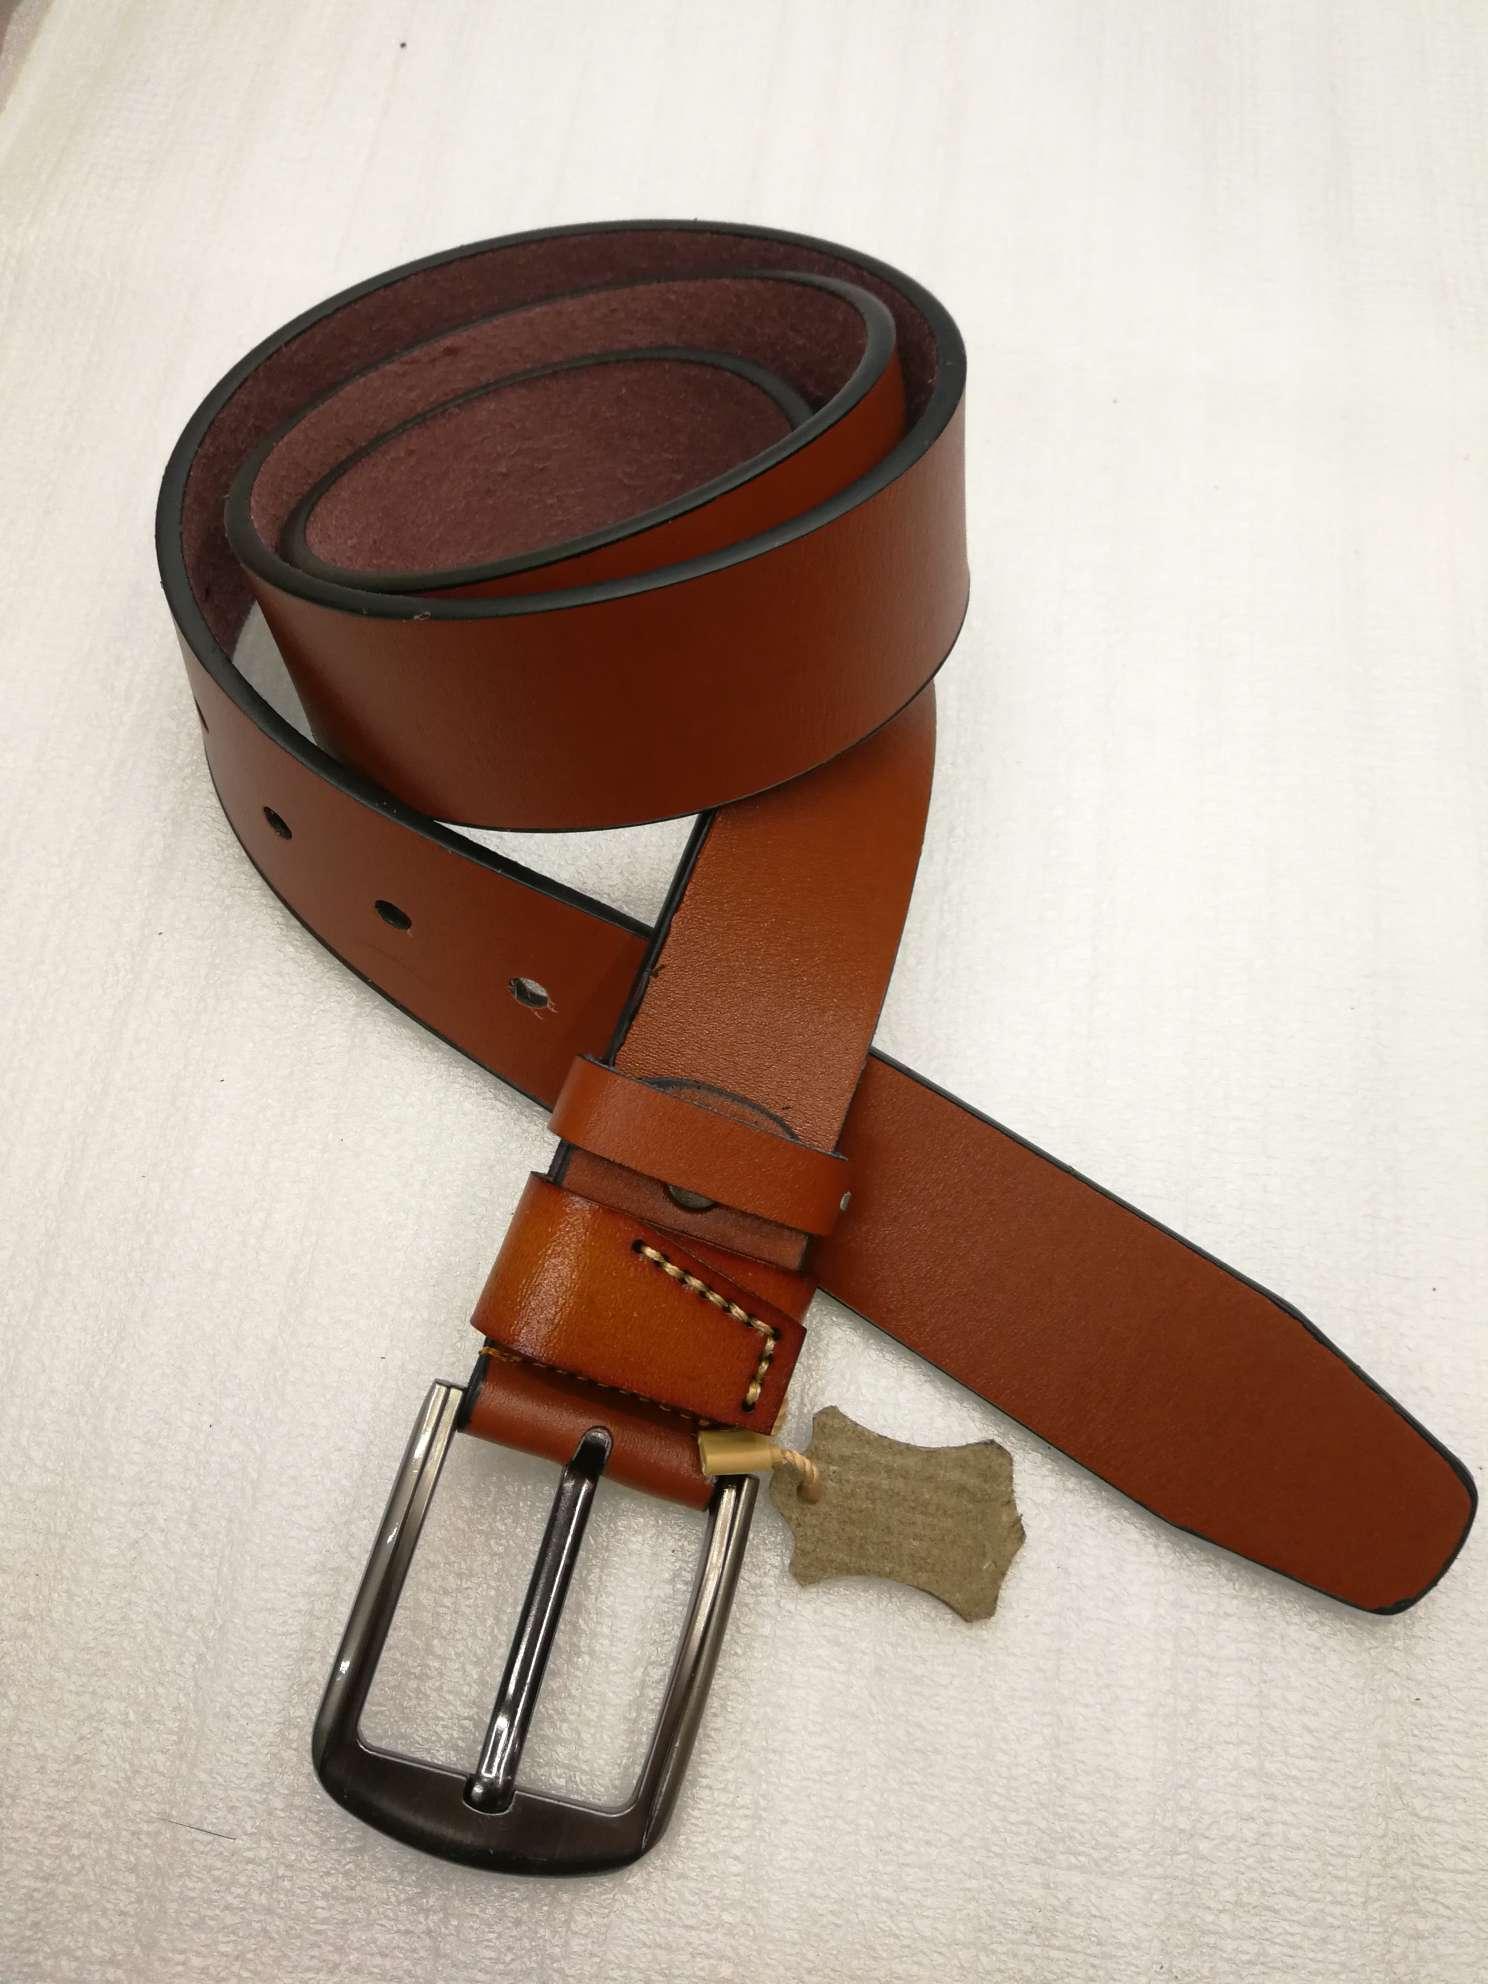 义乌好皮带AB0062韩版潮流针扣休闲时尚男女士腰带厂家直销供应内销外贸